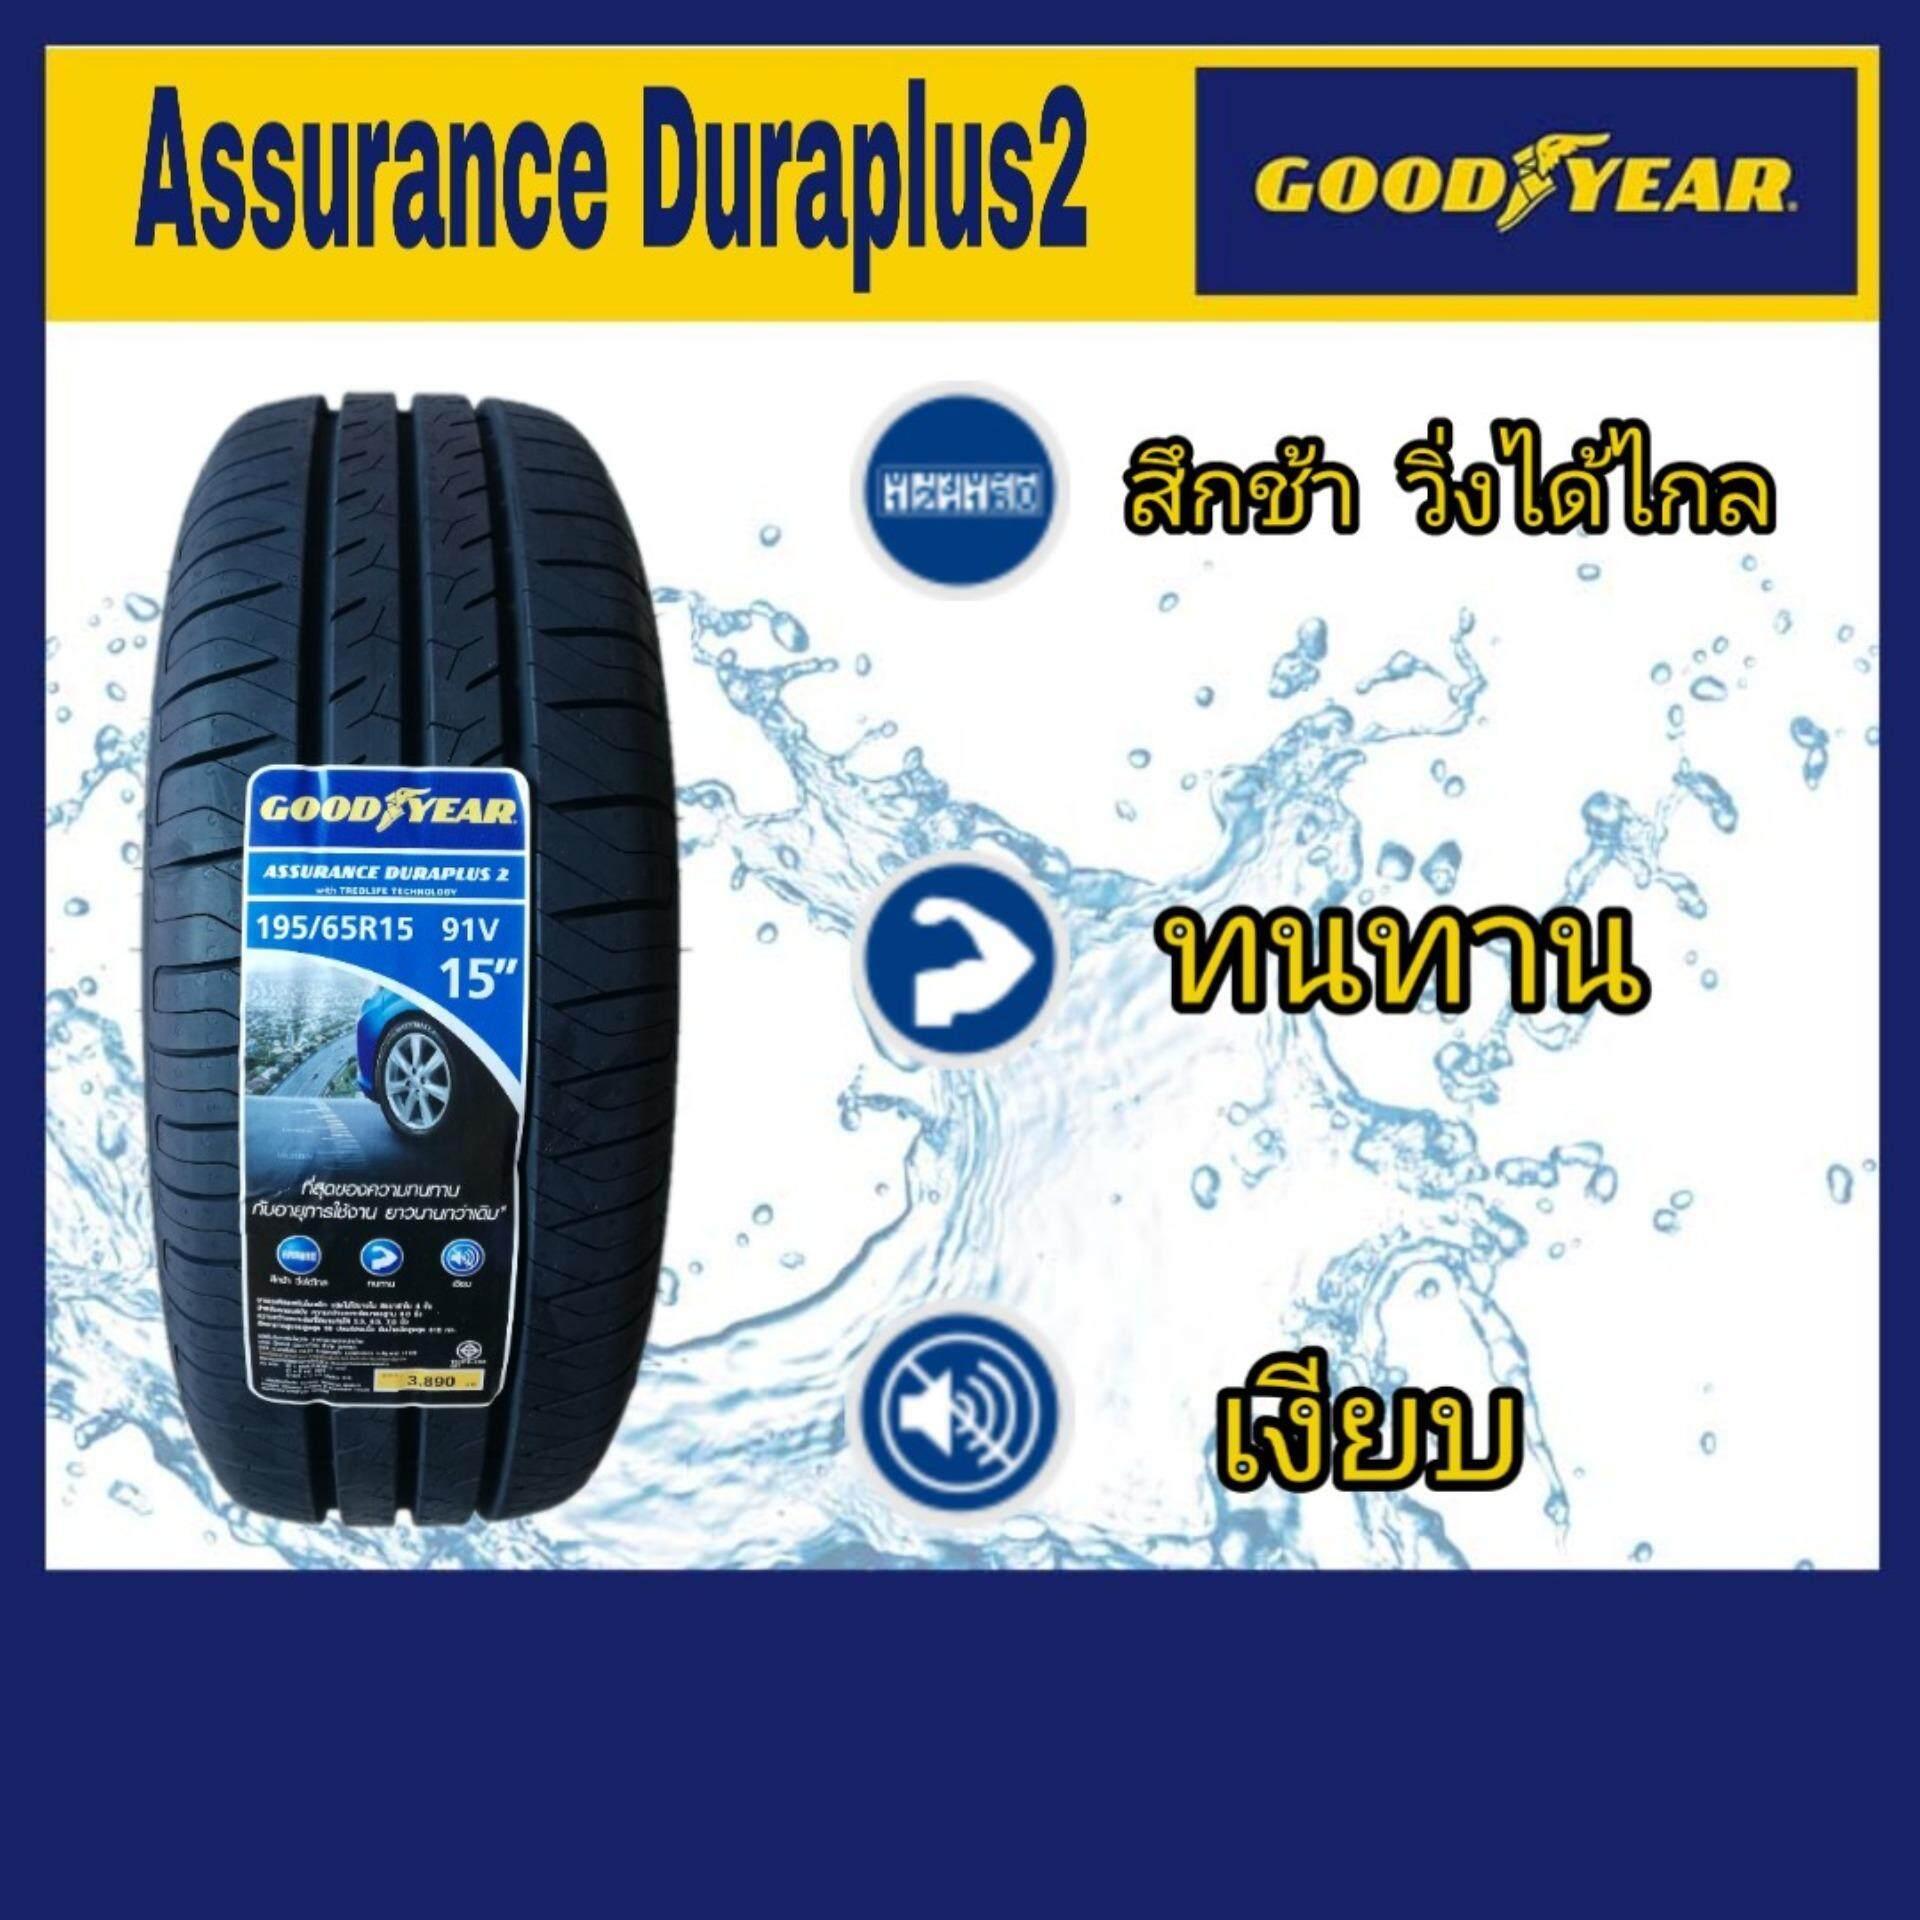 ประกันภัย รถยนต์ 3 พลัส ราคา ถูก กระบี่ Goodyear ยางรถยนต์ขอบ15  195/65R15 รุ่น Assurance Duraplus2